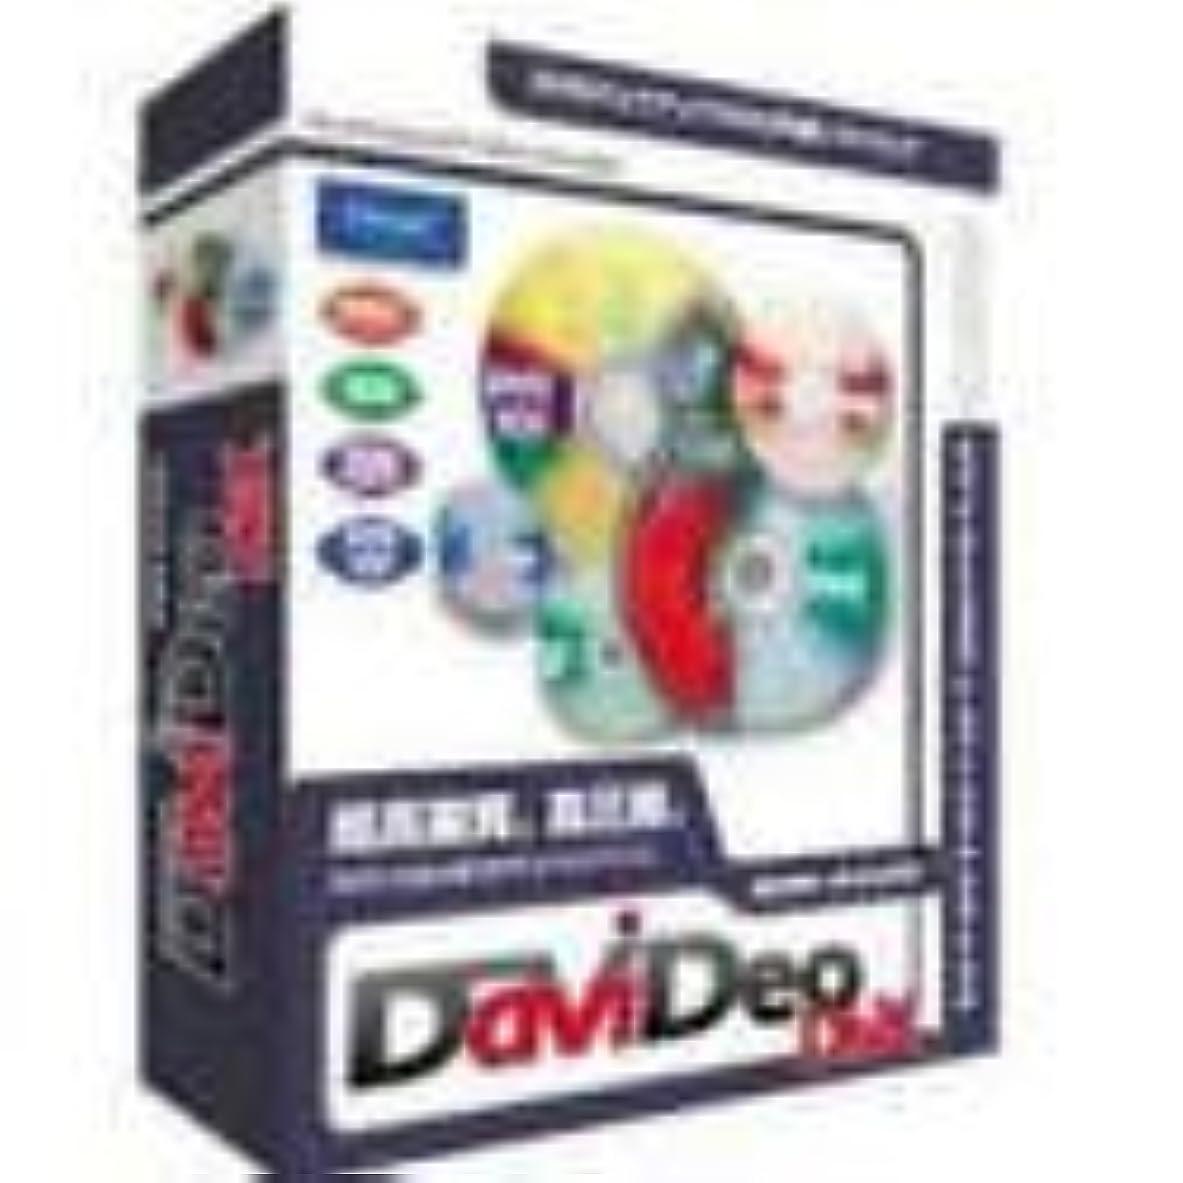 DaViDeo DivX